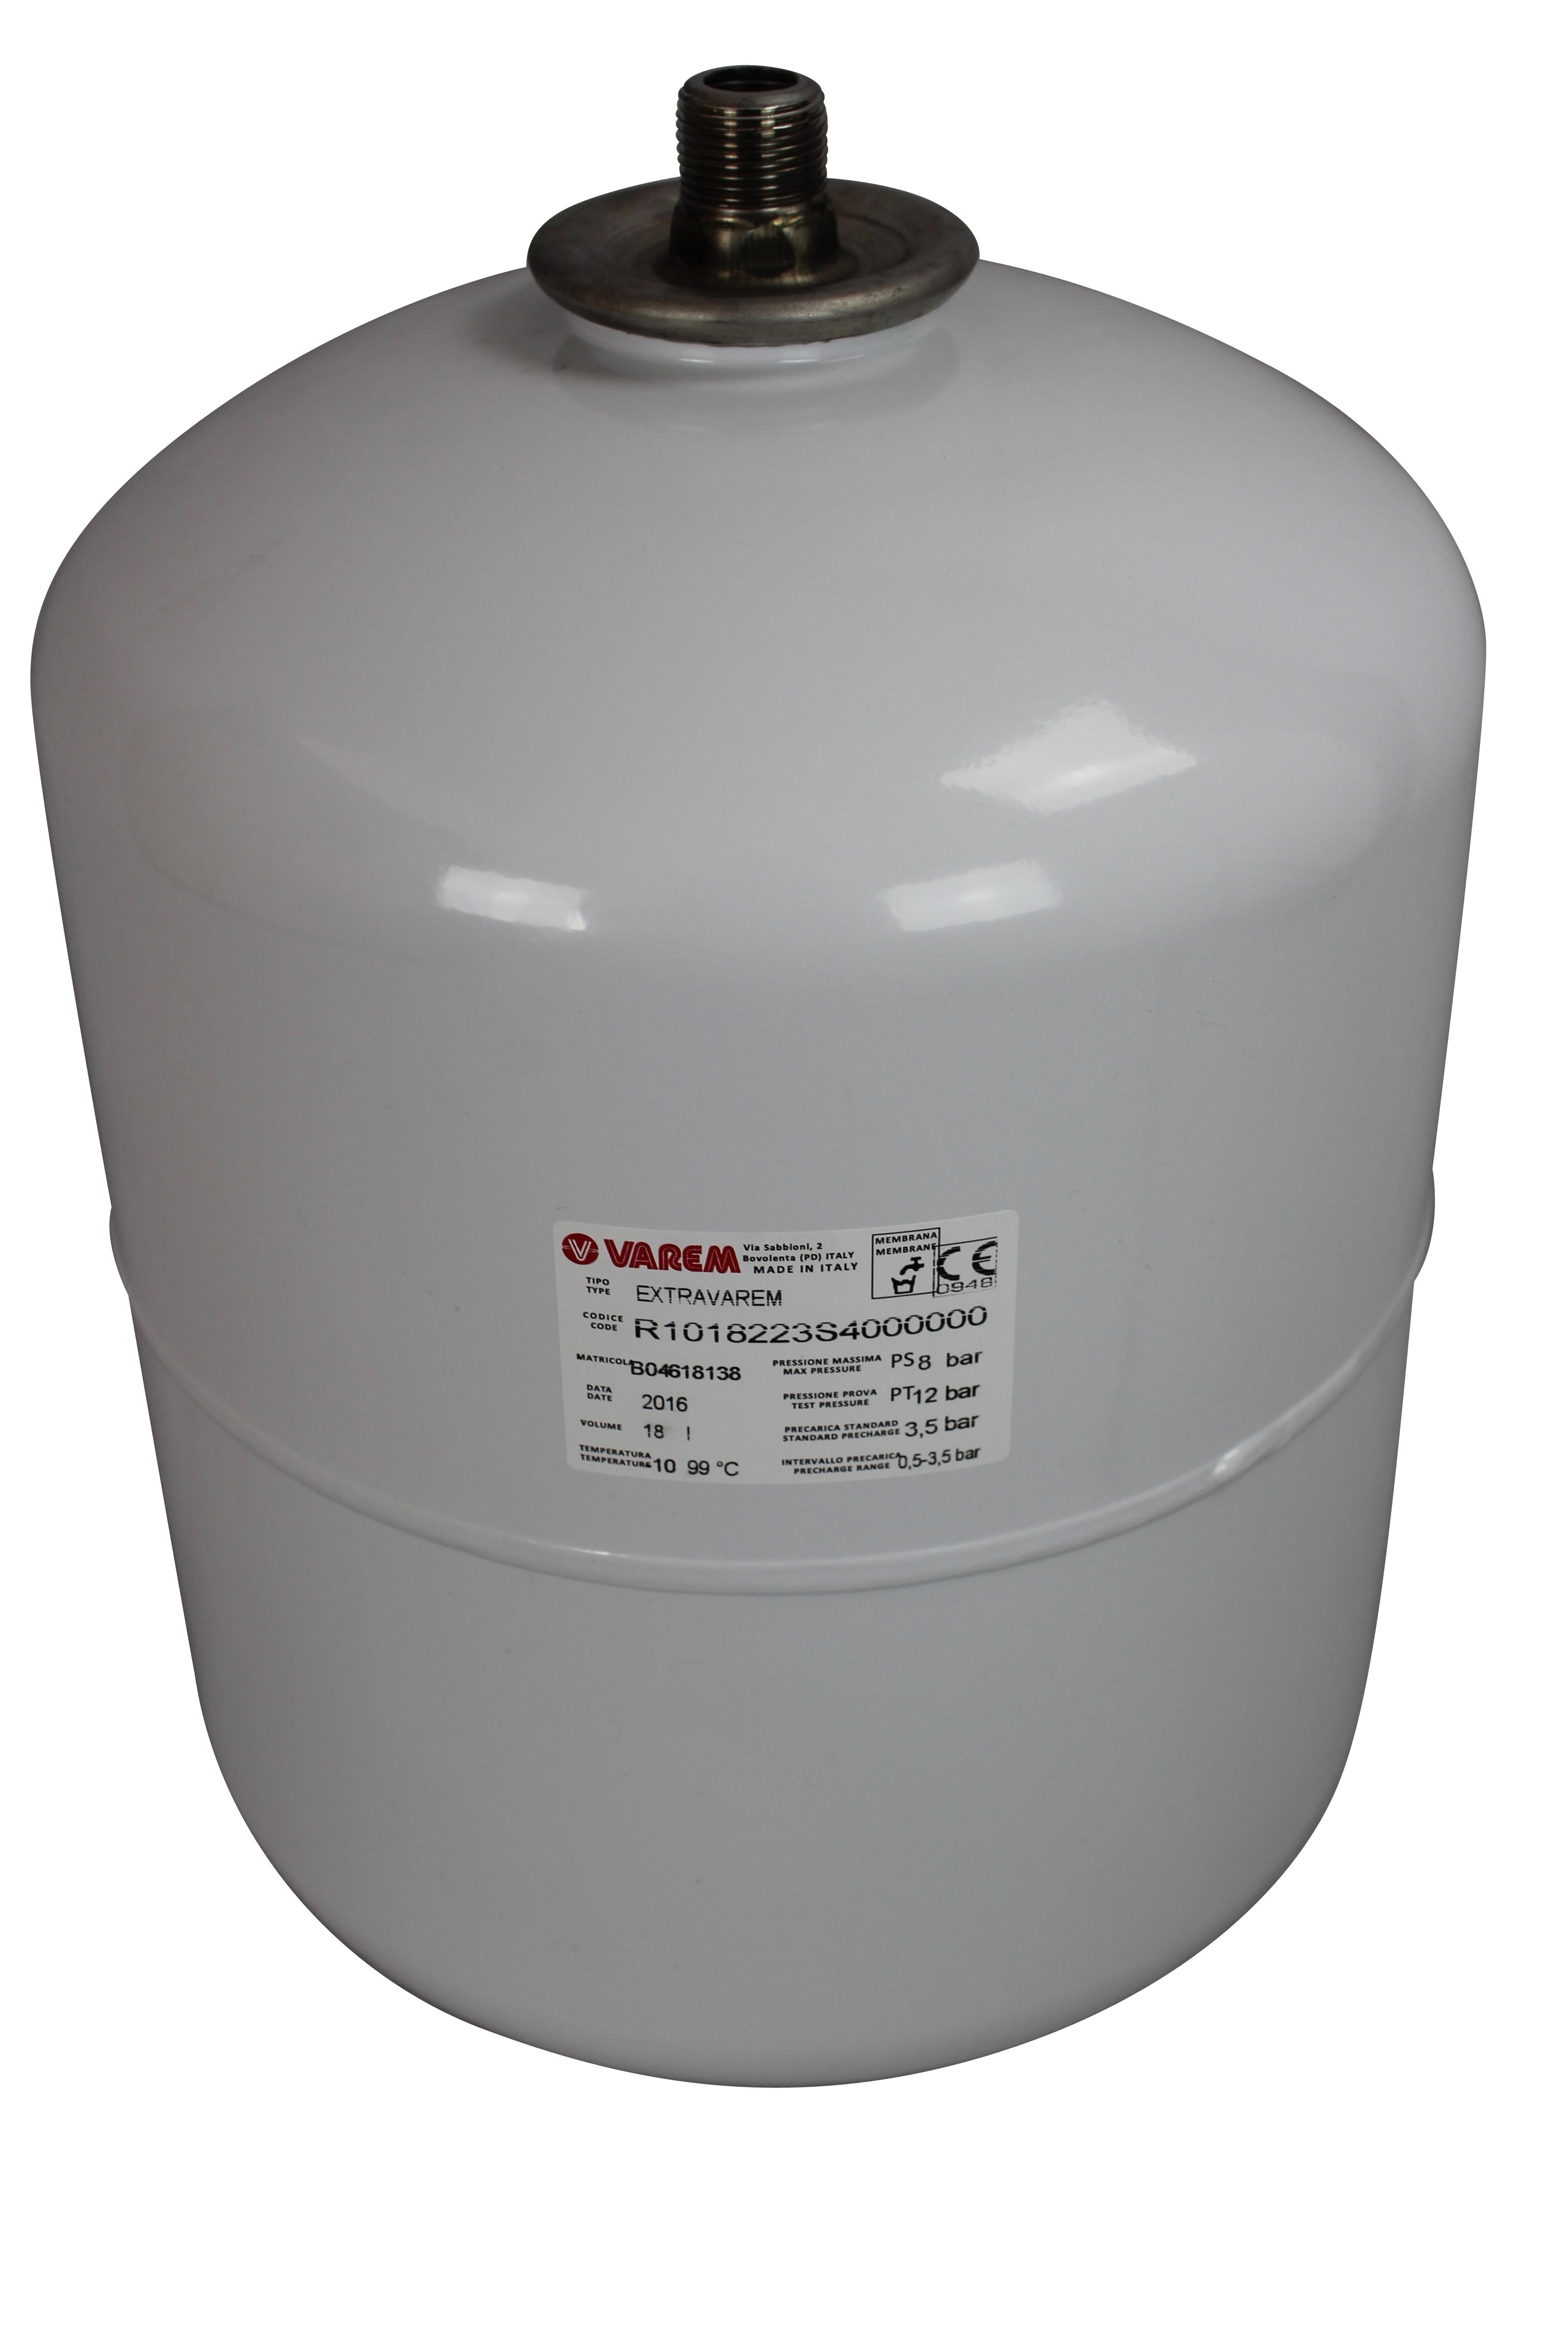 Varem Brauchwasser- Trinkwasser Ausdehnungsgef/ä/ß 12 l